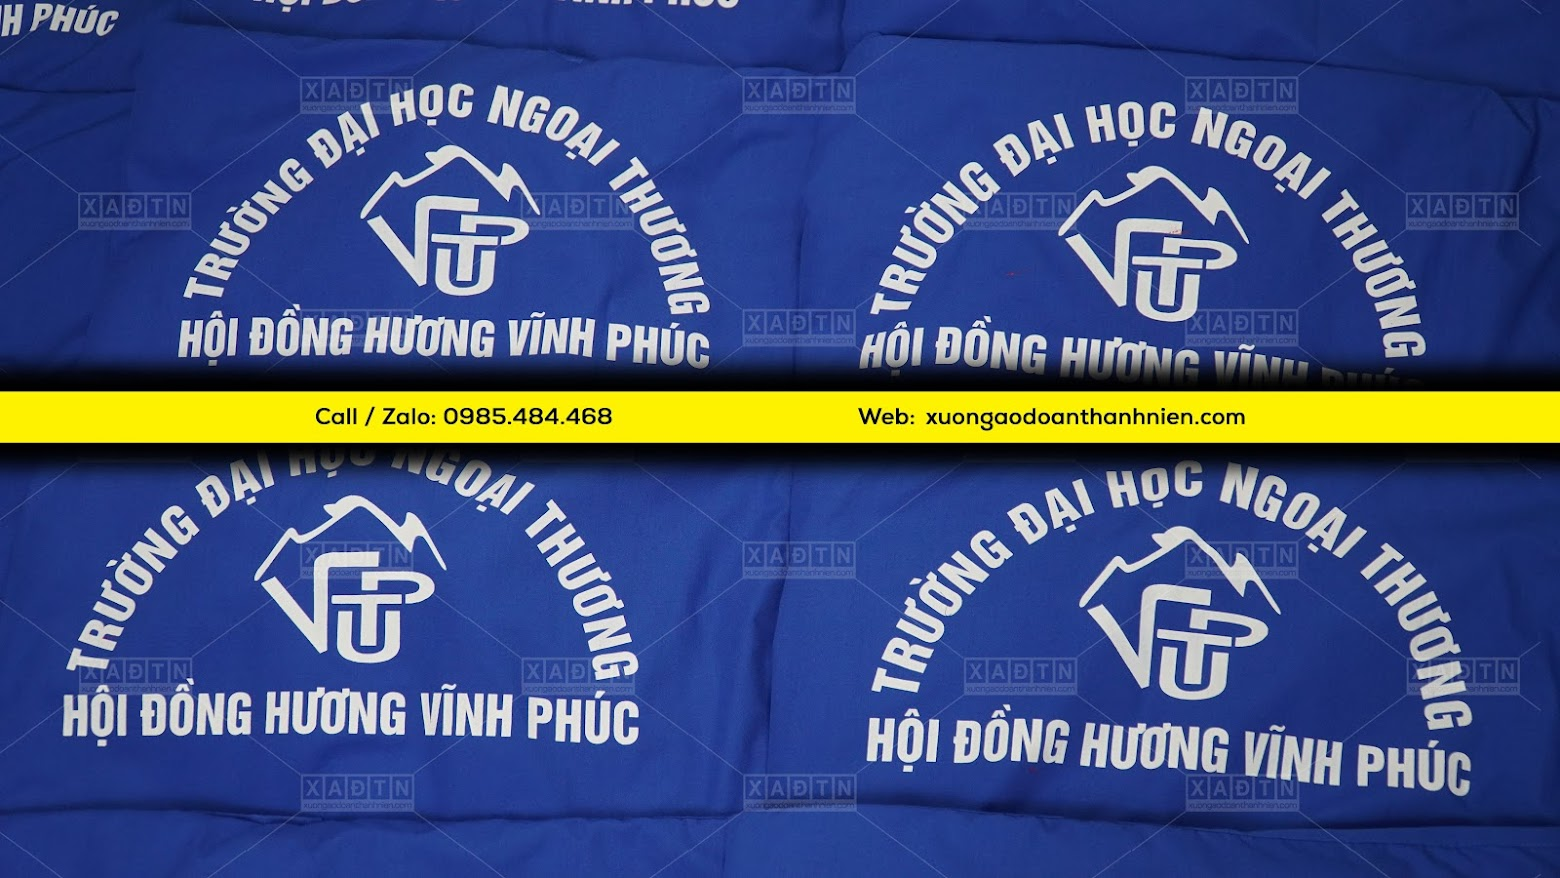 Hội Đồng Hương Vĩnh Phúc - FTU